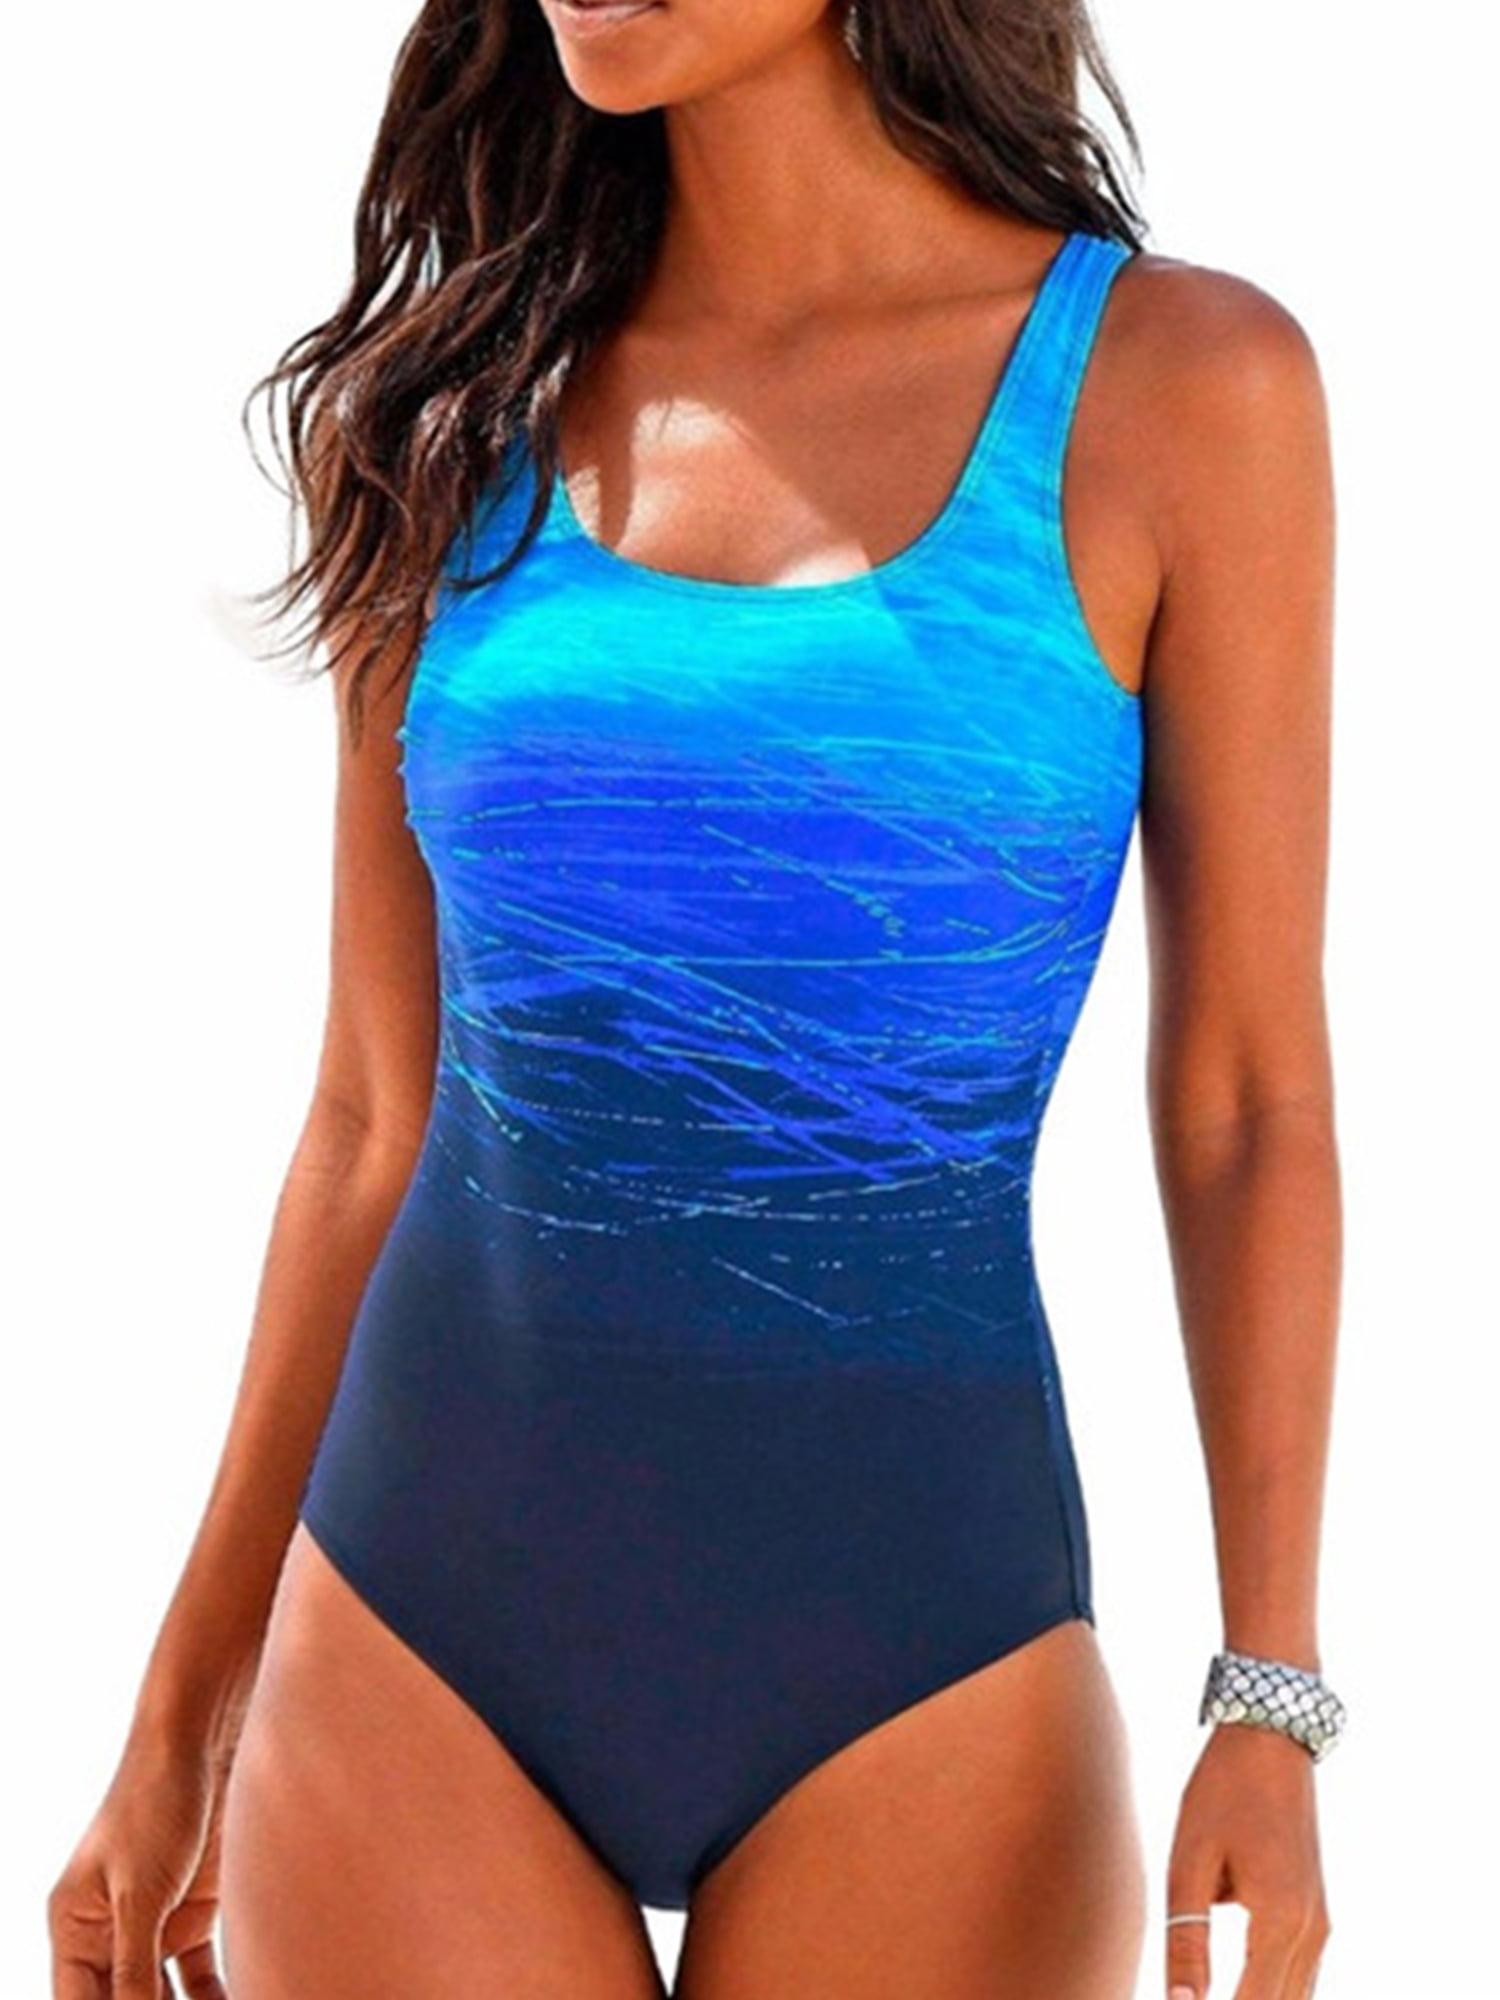 Womens Swimming Costume Padded Monokini Swimsuit Swimwear Push Up Bikini Bathing